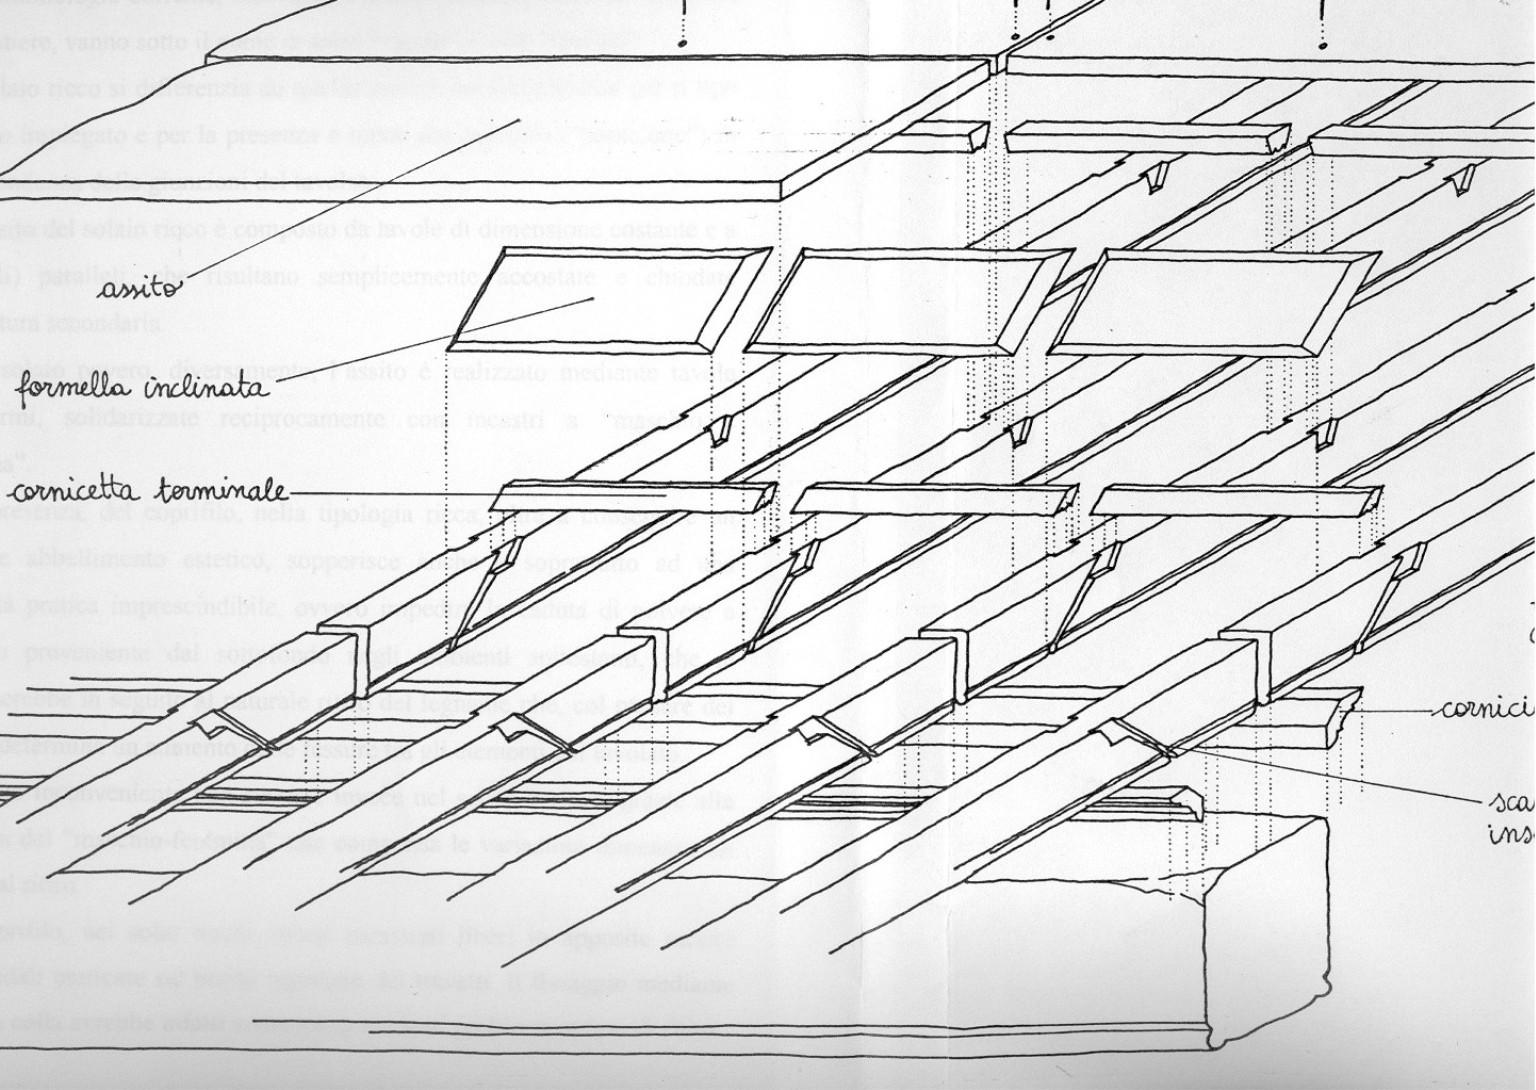 Soffitti a cassettoni in legno: restauro degli originali e riproduzioni : Res...